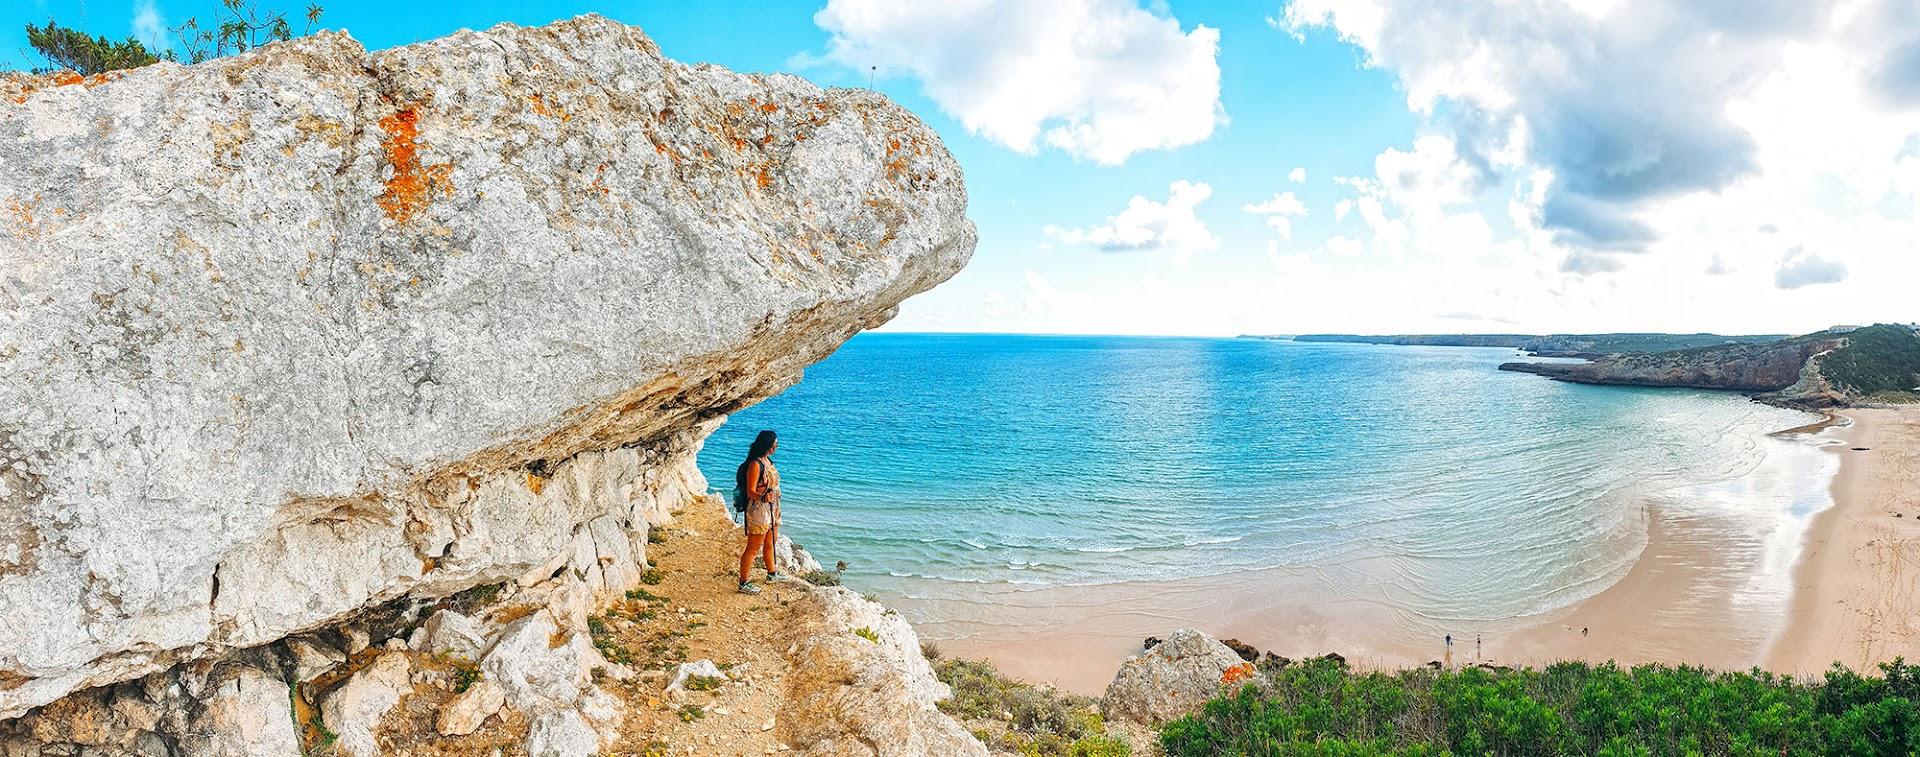 TRILHO DE SAGRES A SALEMA (Trilho dos Pescadores), uma rota pelas praias selvagens da Costa Vicentina